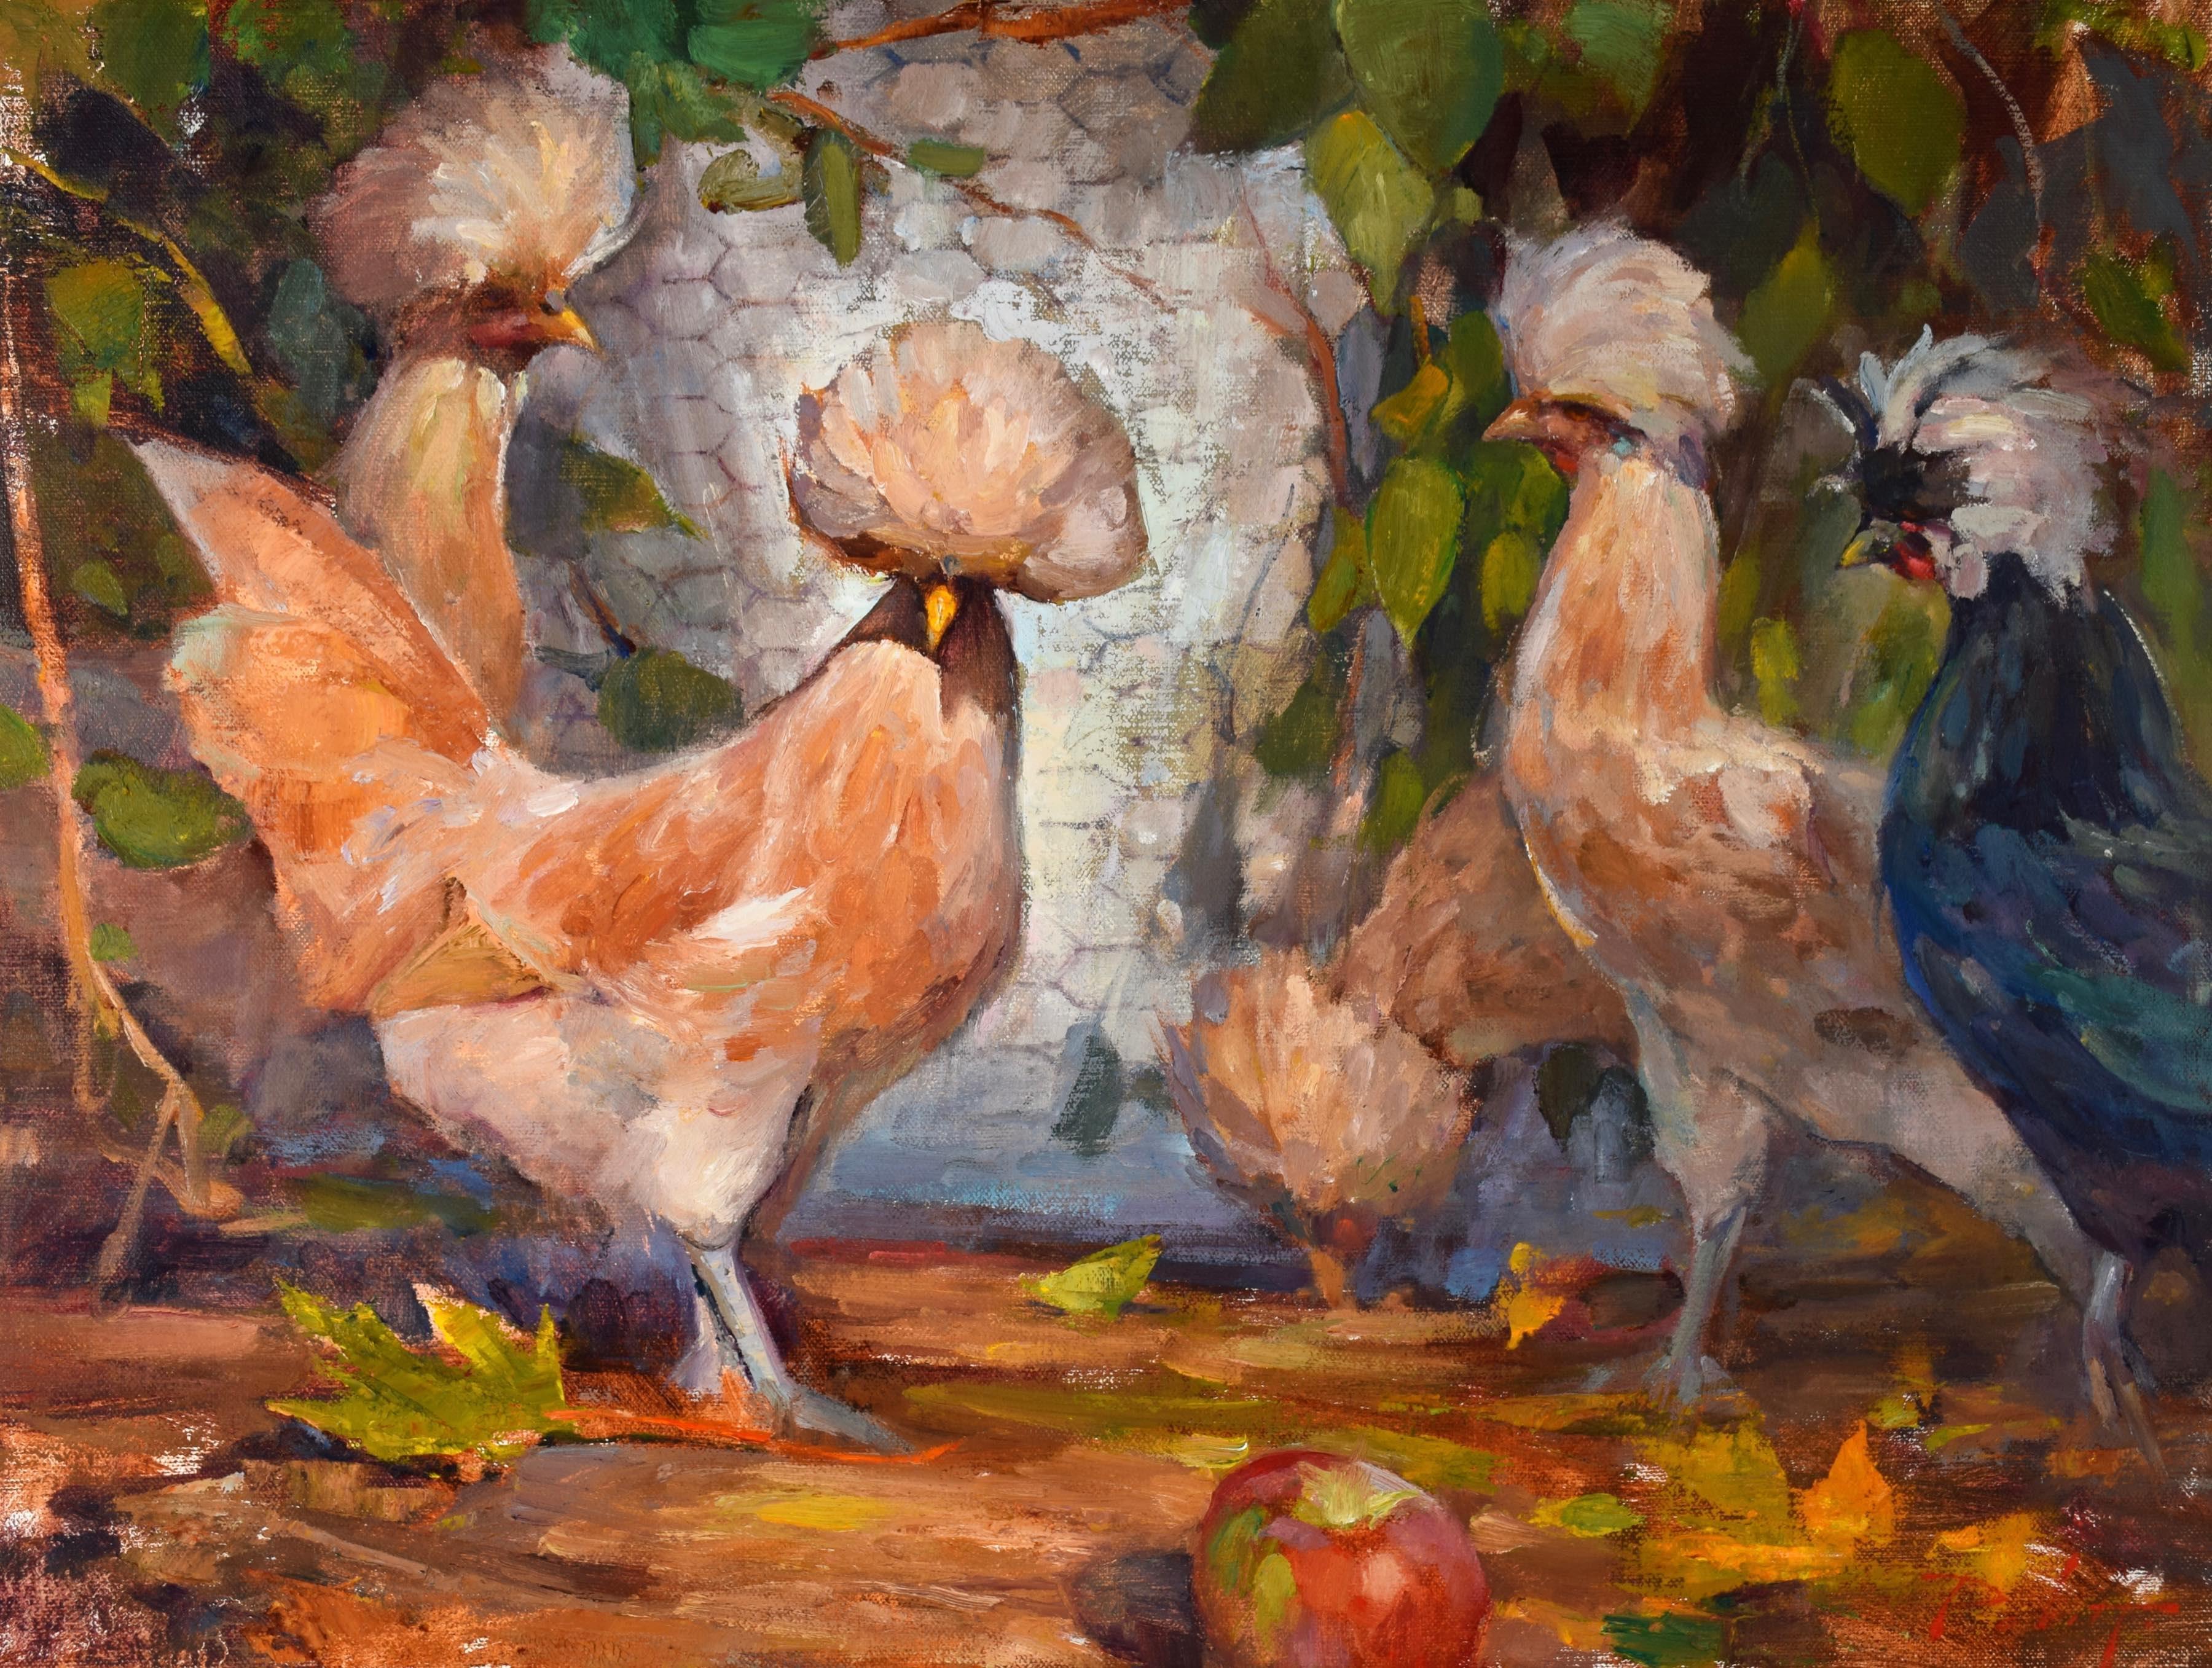 Pompous Poultry 18x24